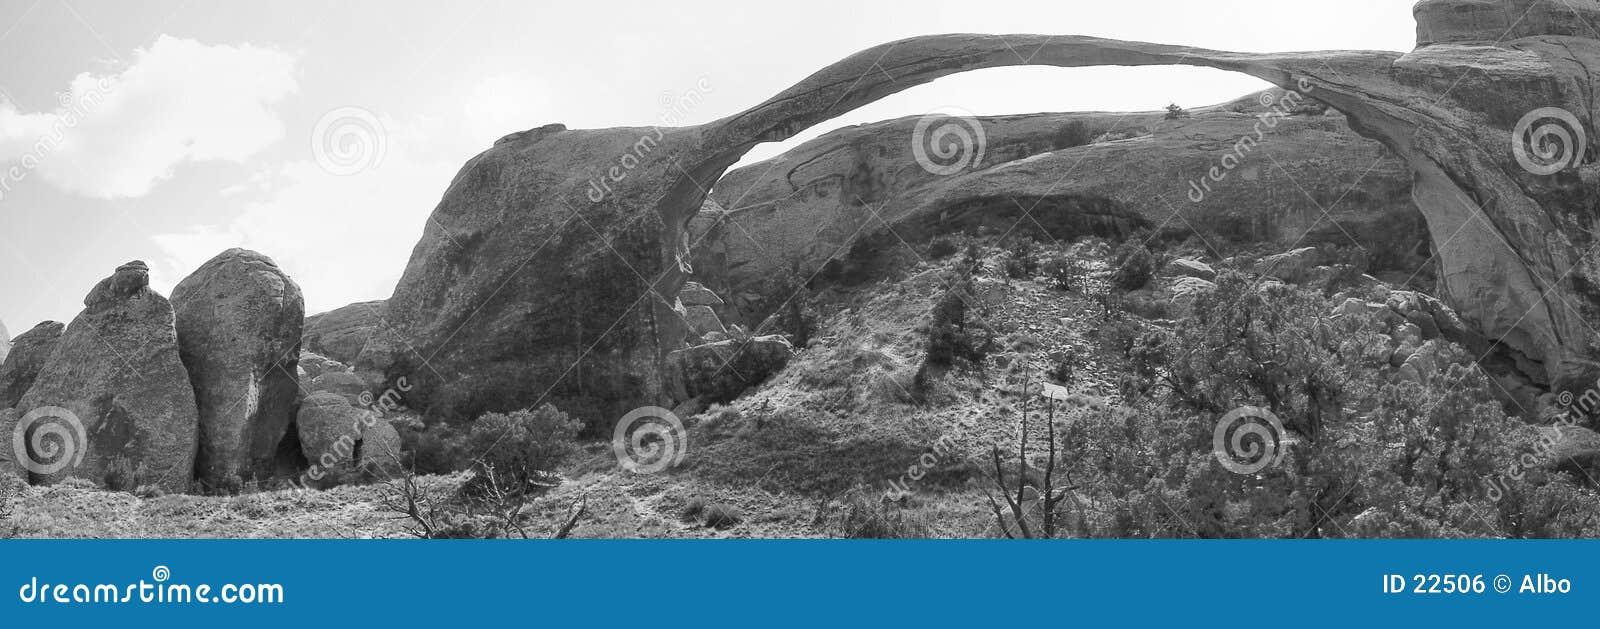 Sosta naturale degli archi: Arco di paesaggio